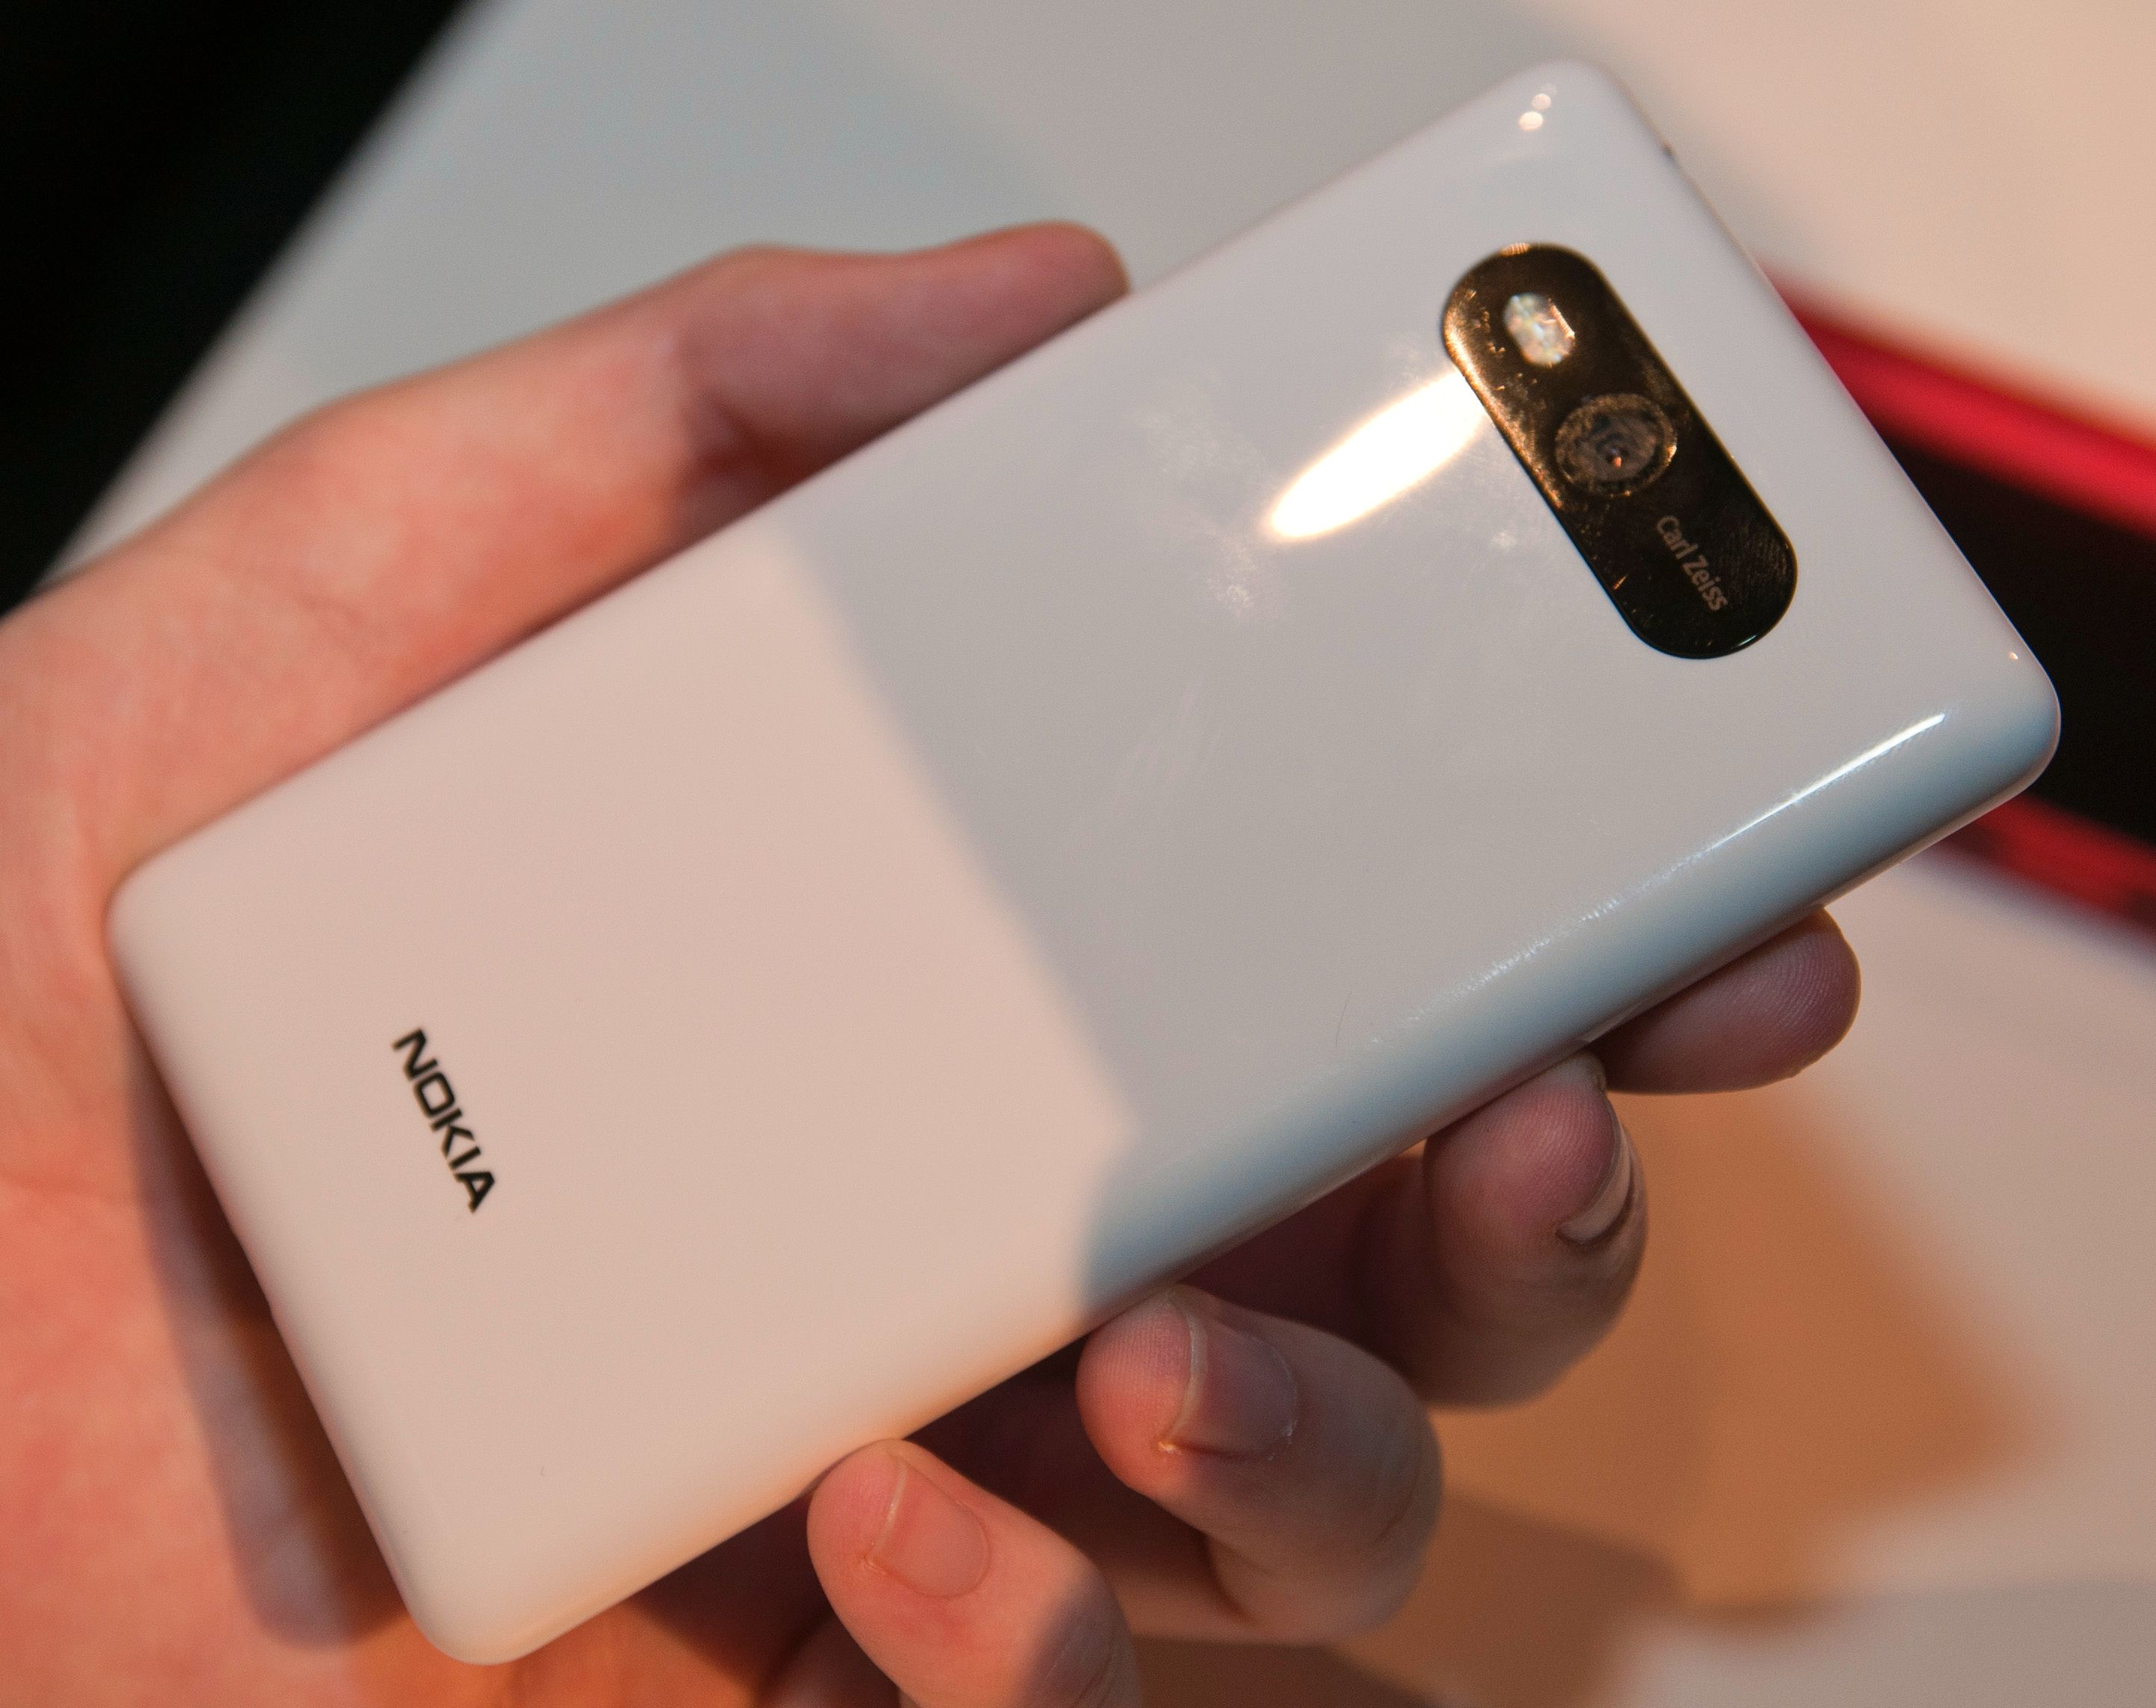 De vanlige dekslene er laget i det samme plastmaterialet som mange av de tidligere Lumia-modellene er laget. De føles derfor svært så solide.